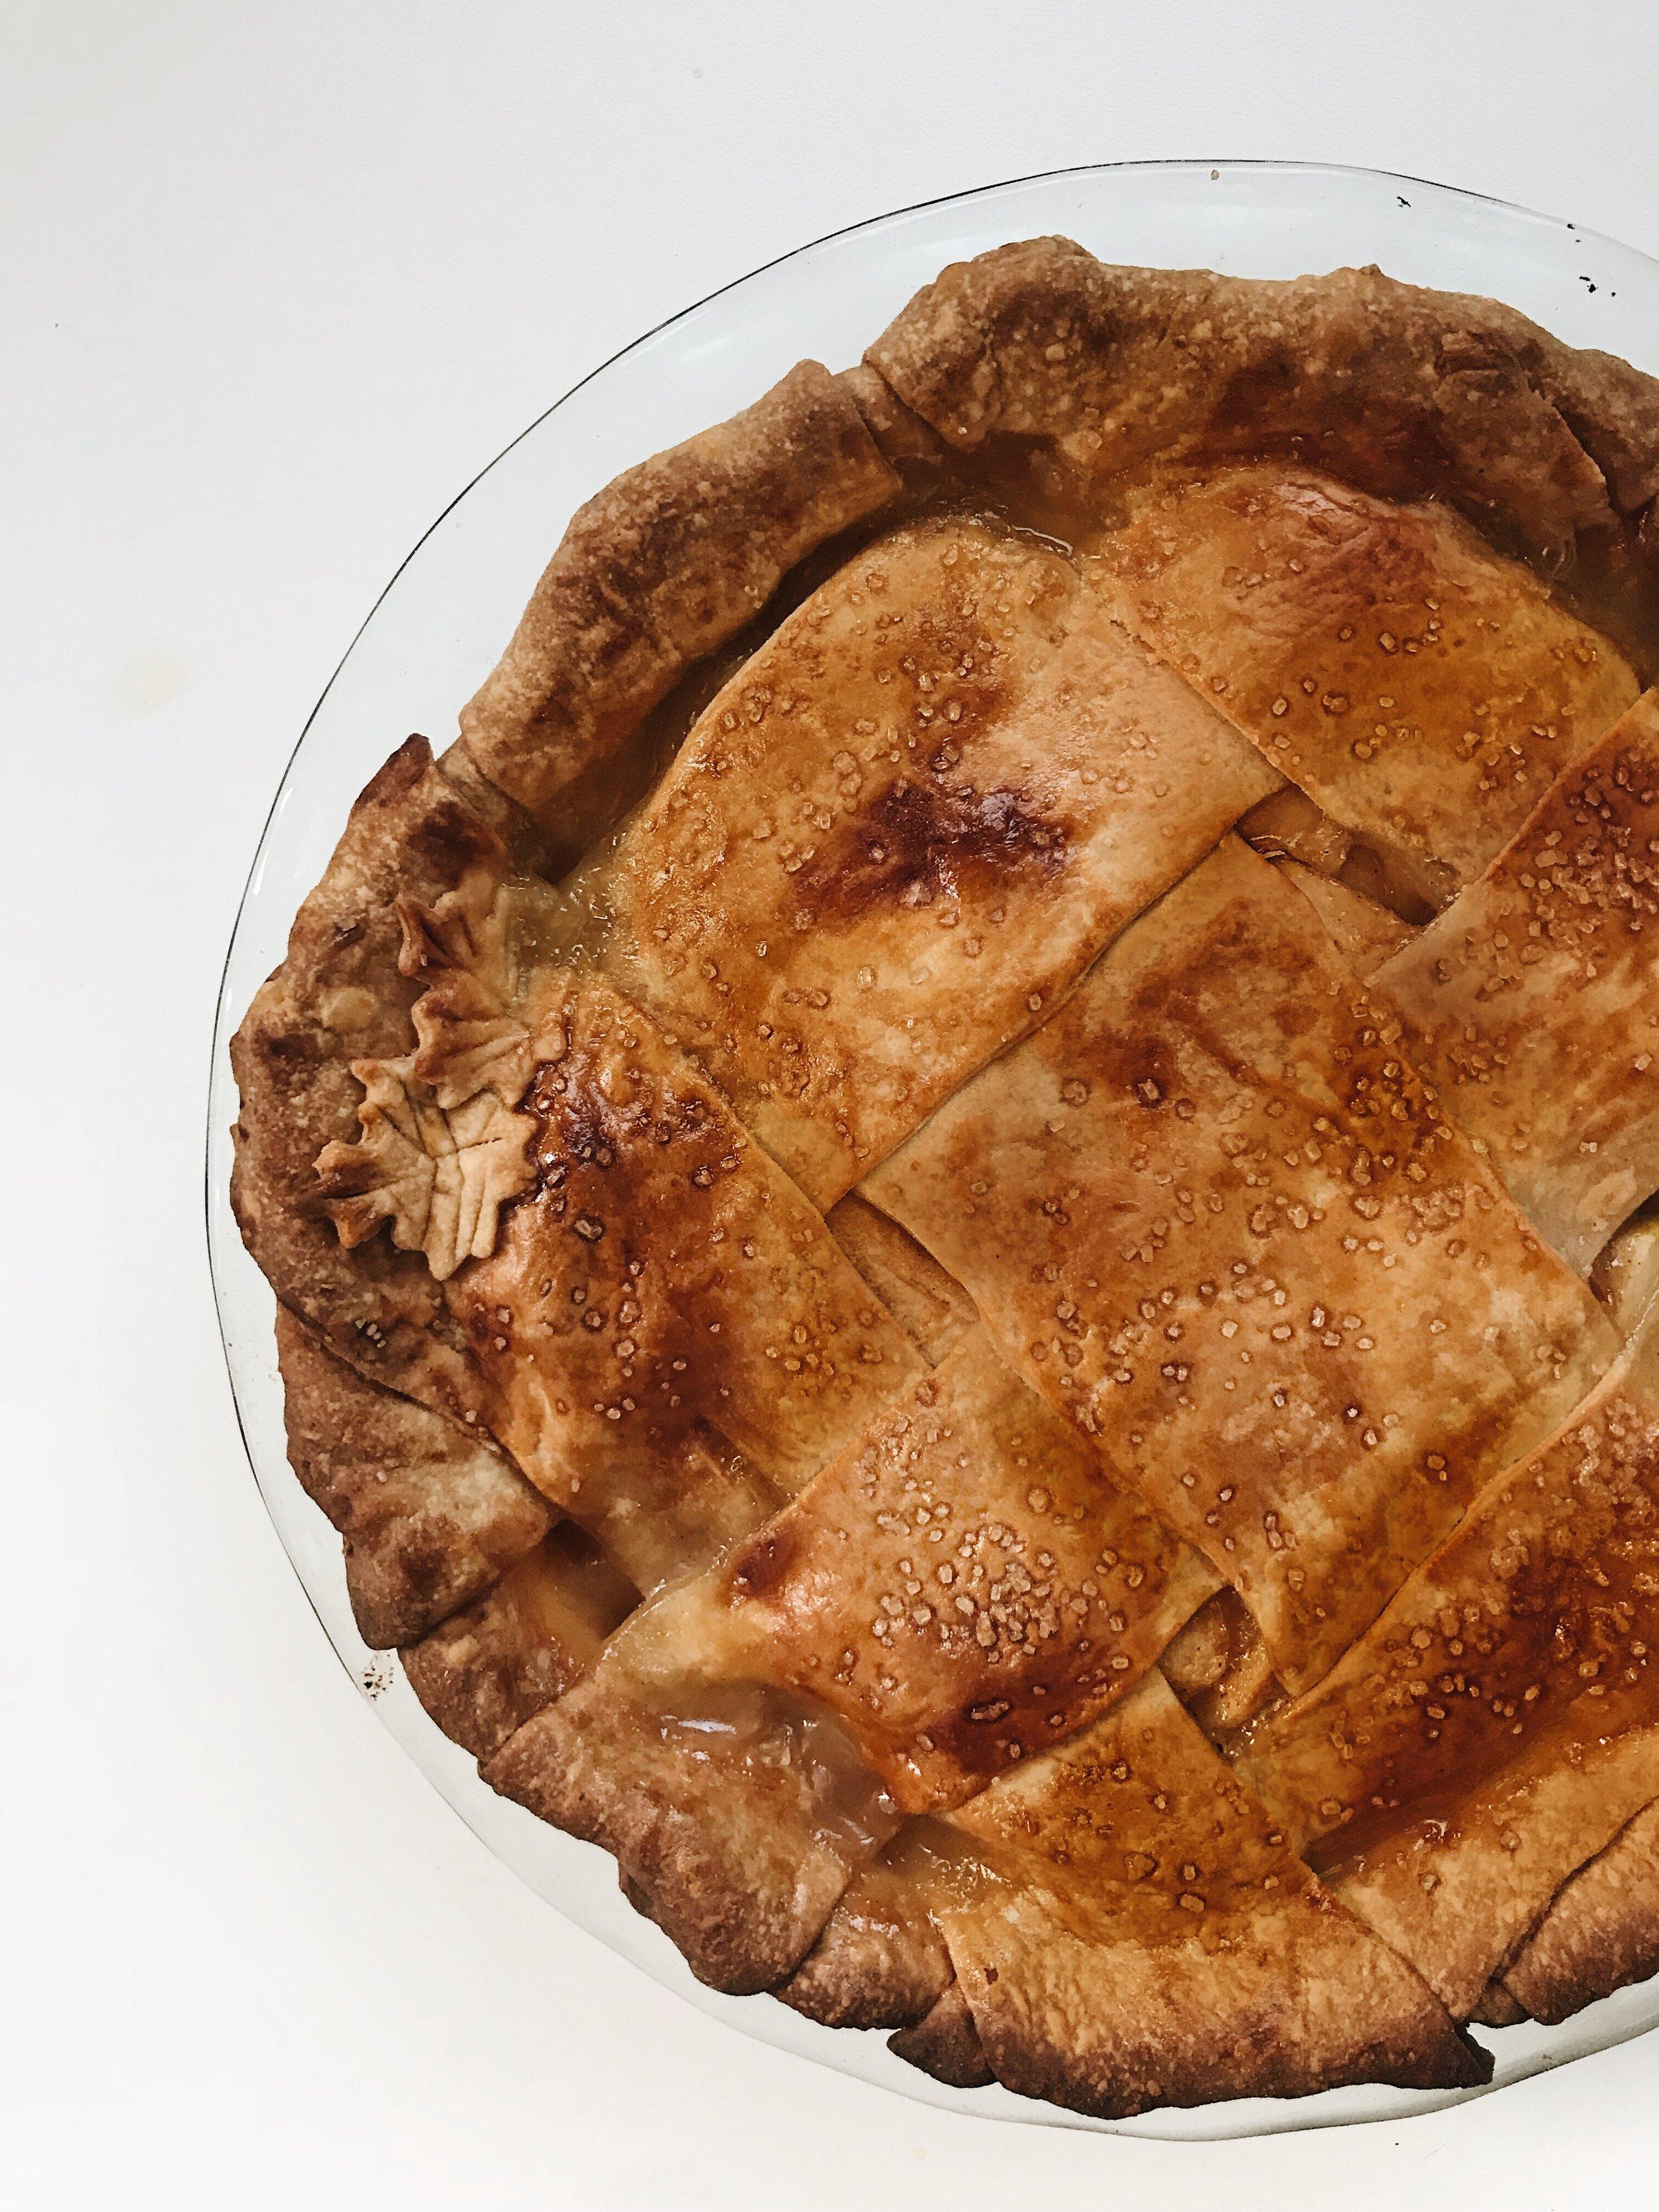 baked pie pear.JPG